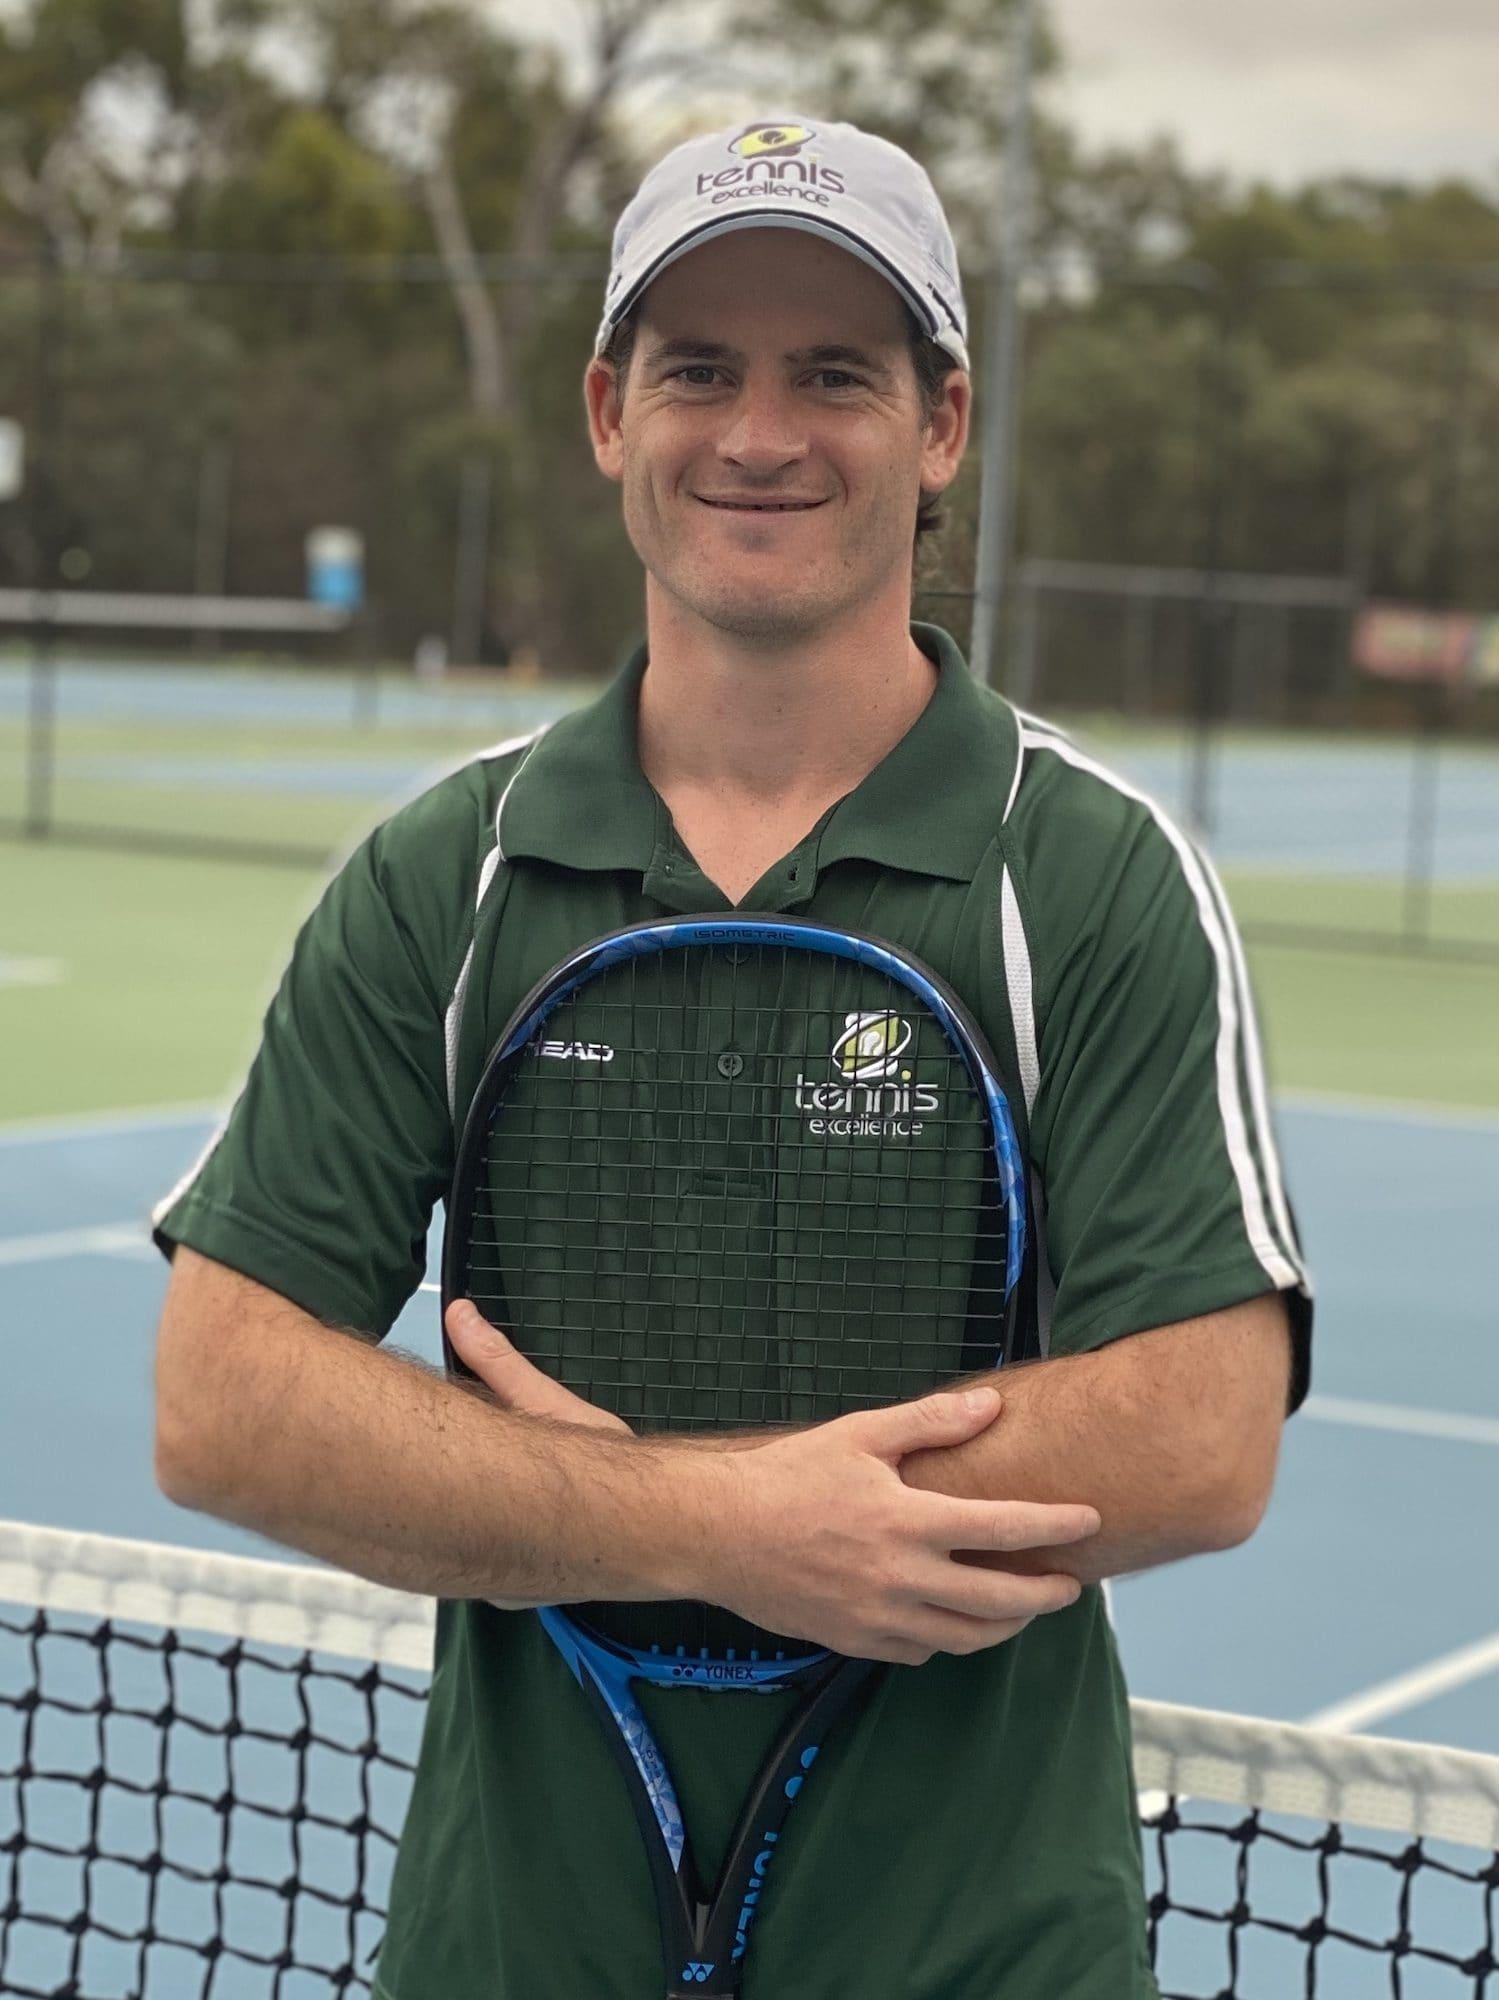 https://www.tennisexcellence.com.au/wp-content/uploads/2020/05/Coach_Elliot-Moyle-e1588672055825.jpeg